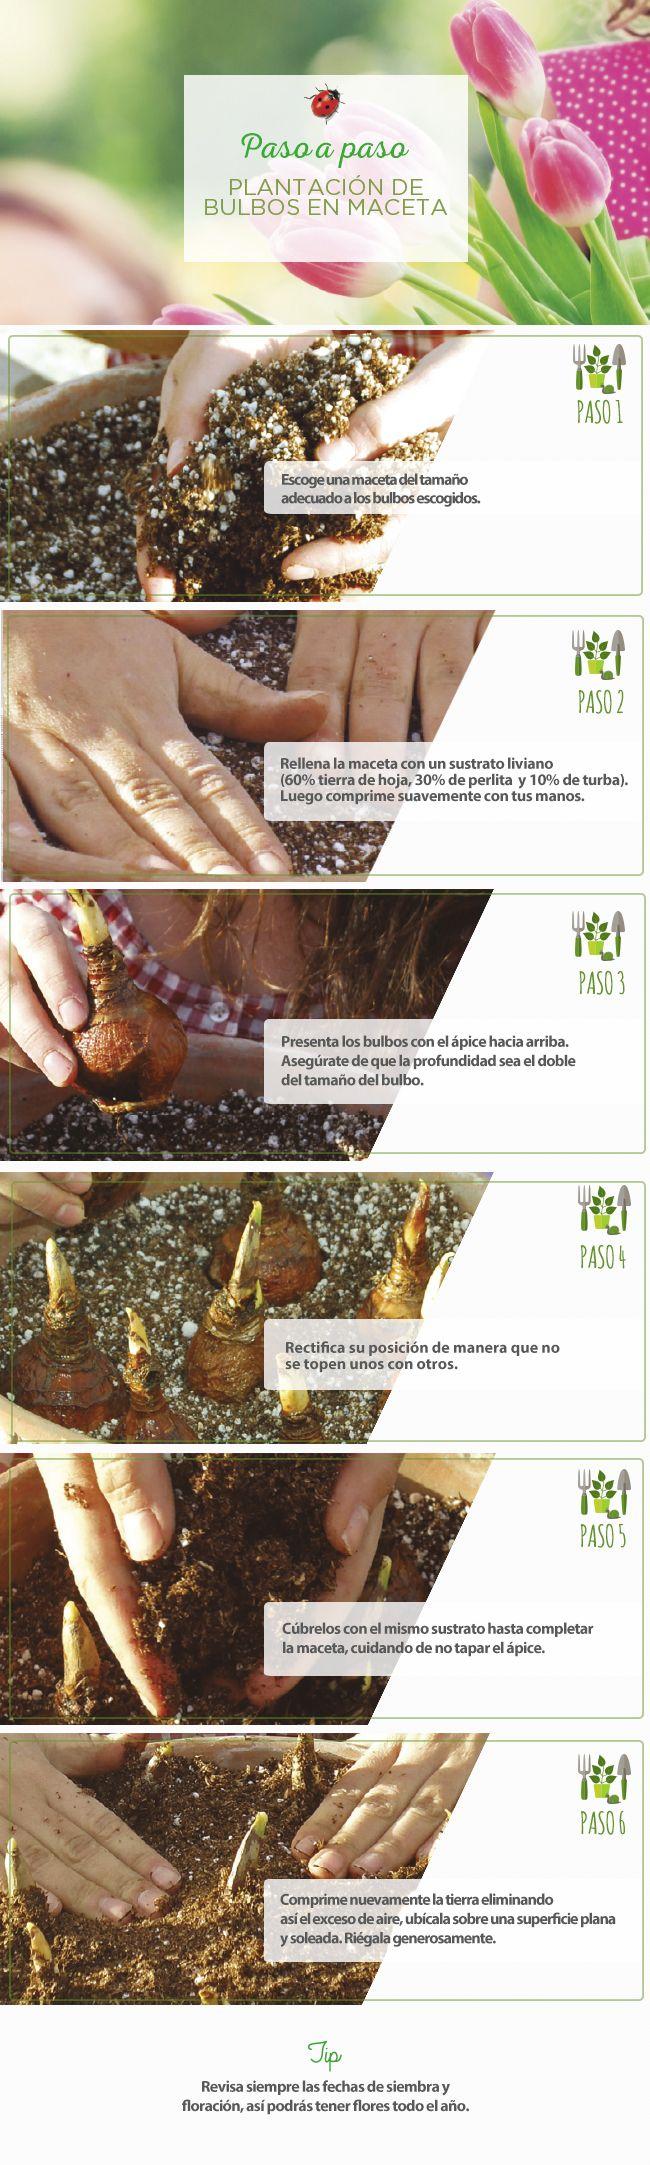 #Plantación #Bulbos #Maceta #Easy #jardín